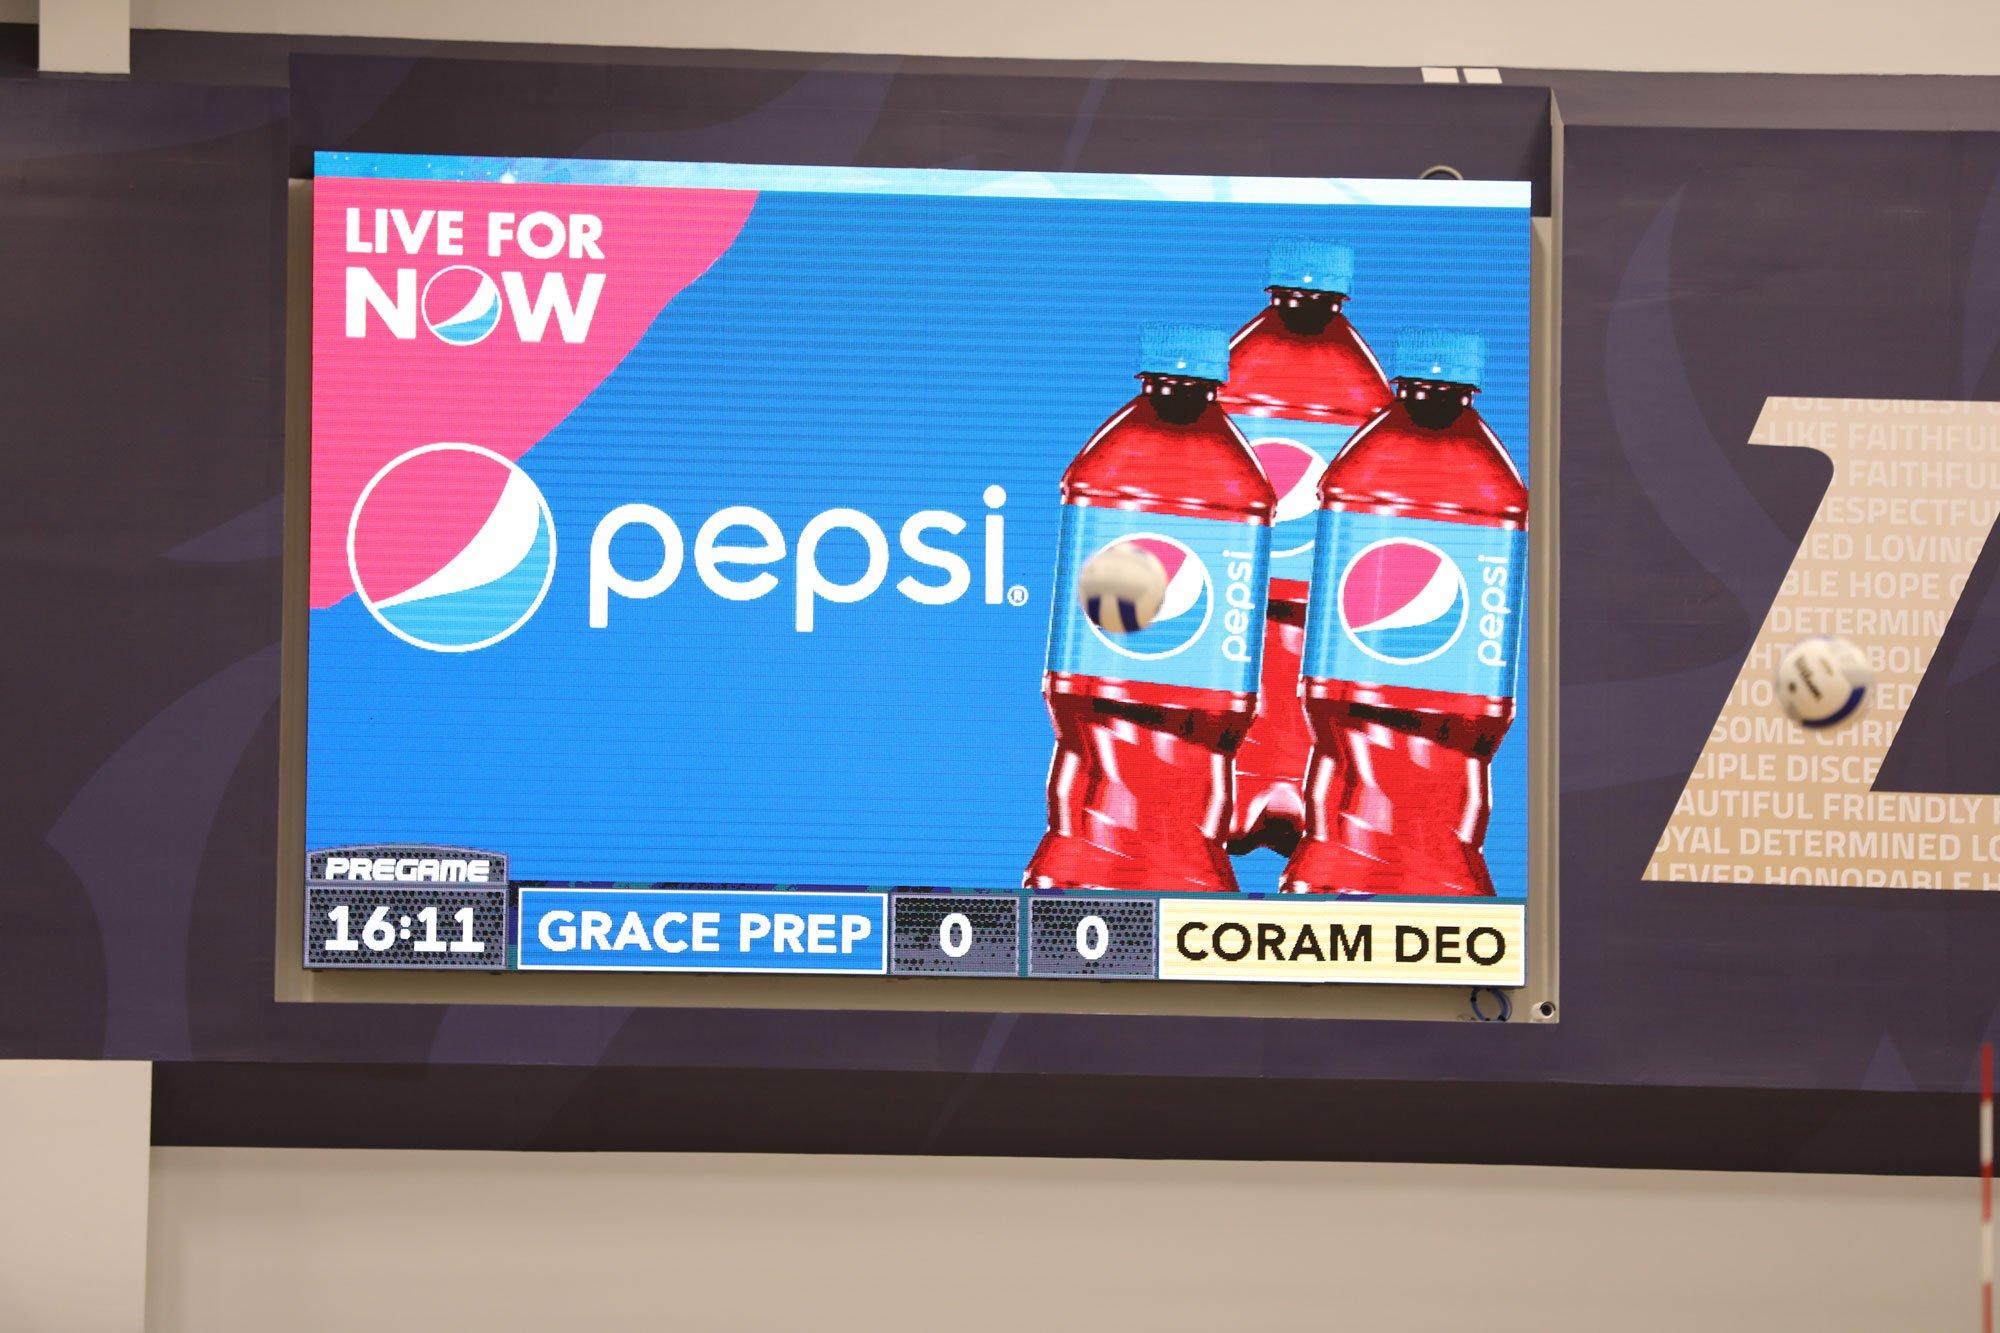 Grace Prep Pepsi Cinema Ad on ScoreVision Video Scoreboard